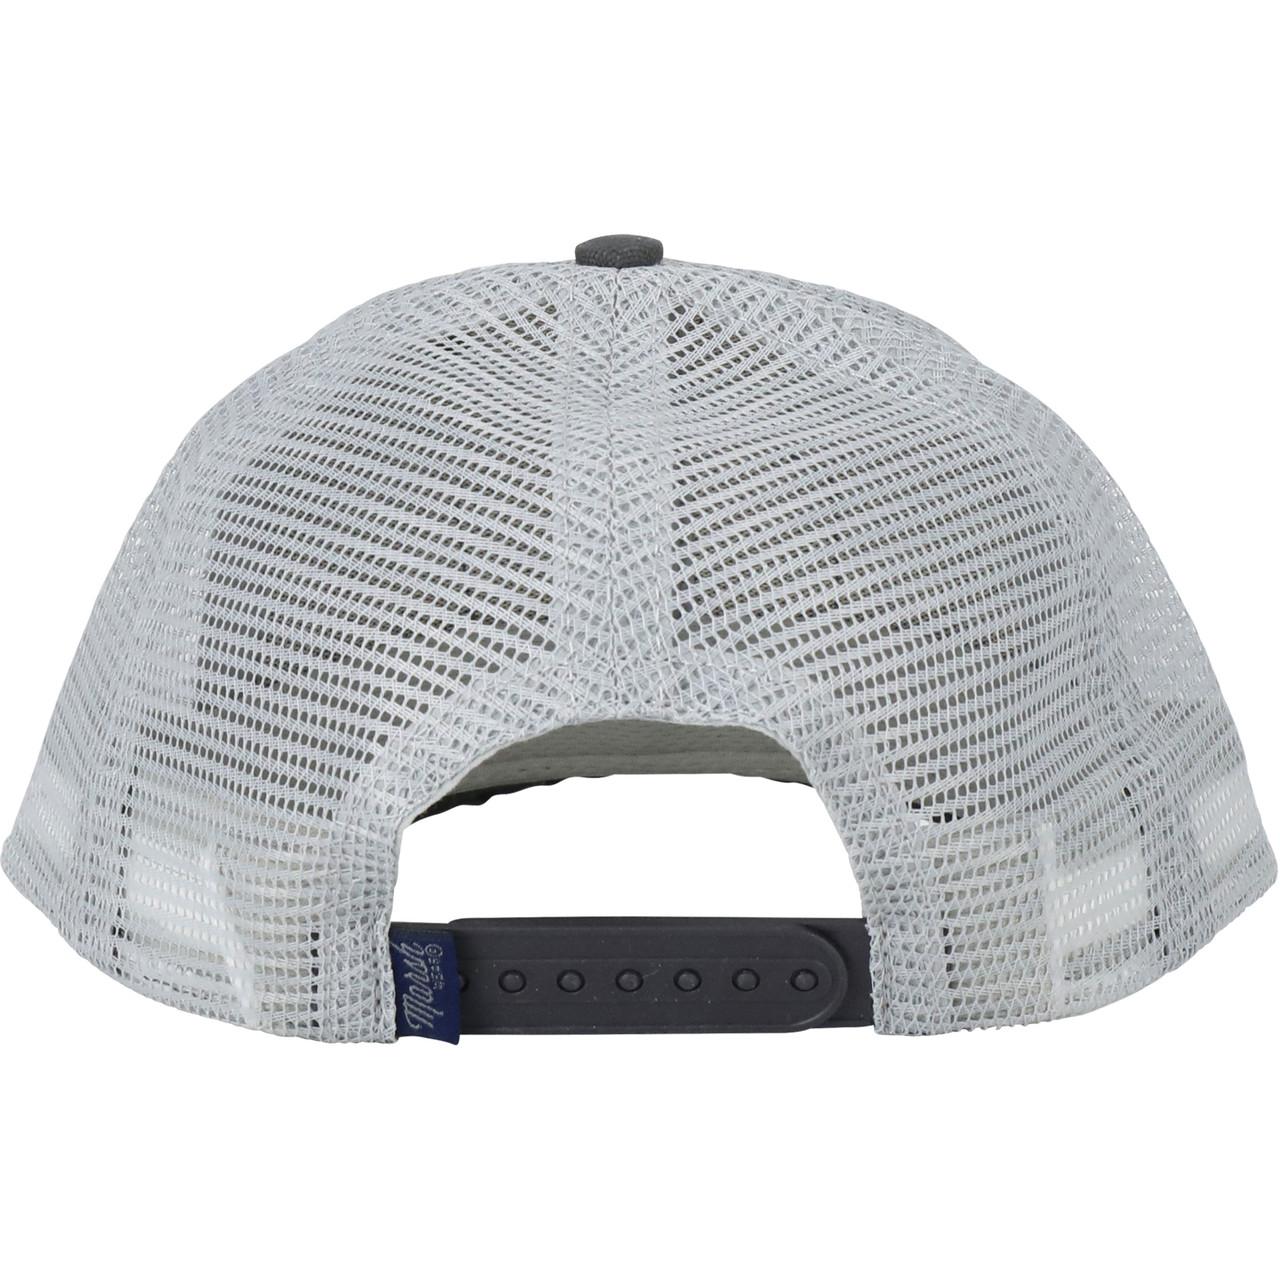 Marsh Wear MWC1029 Speckled Trucker Hat Jalapeno Green - Back